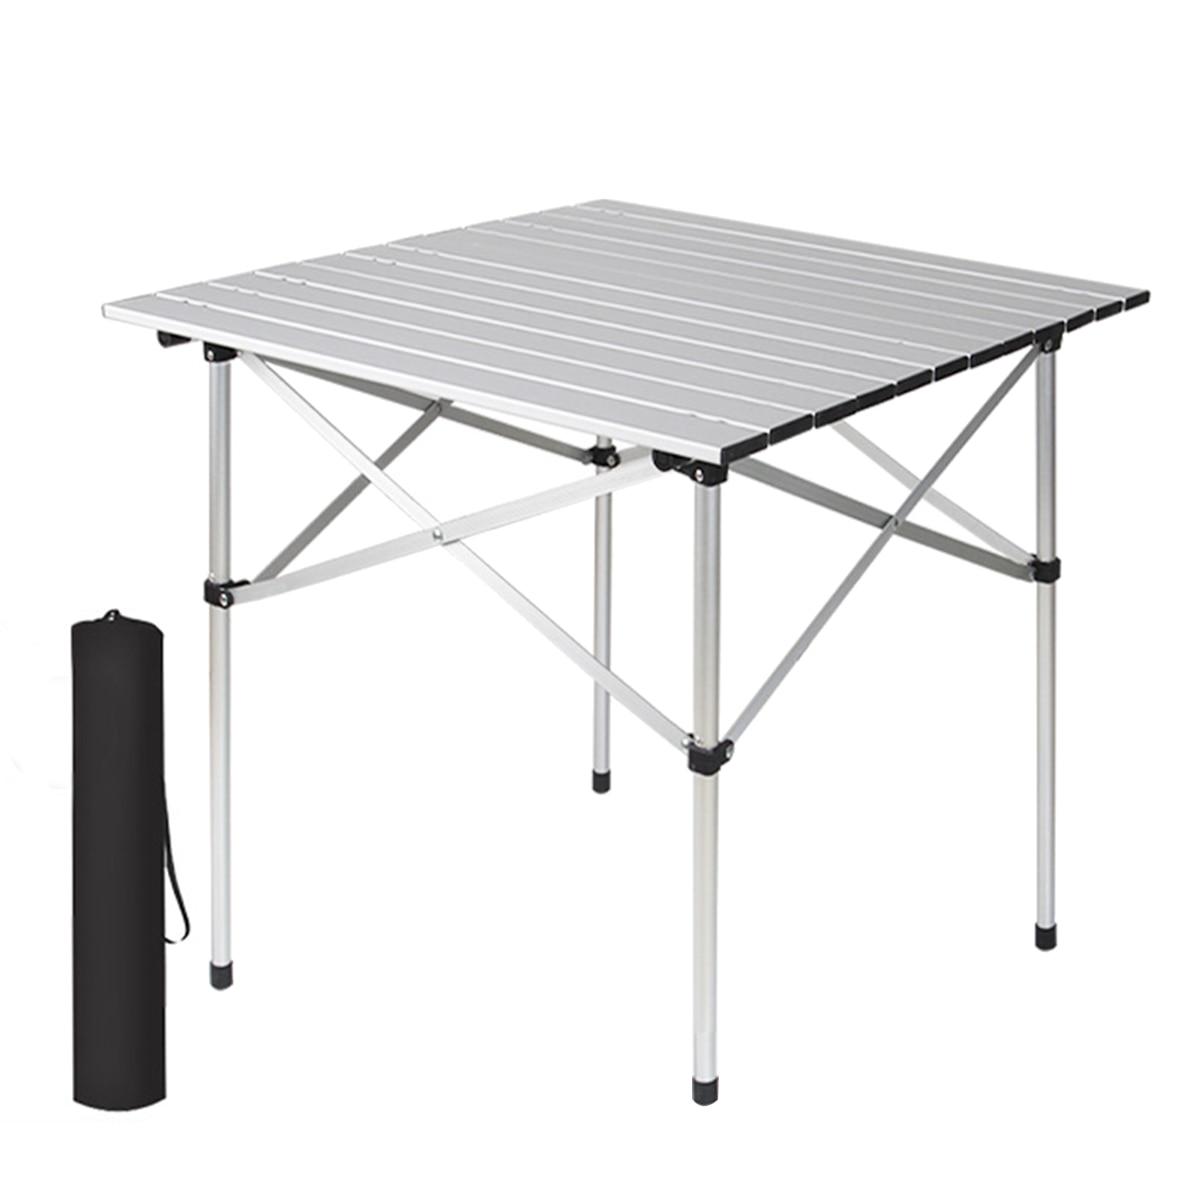 Стол портативный из алюминиевого сплава, складной, 70 Х70 см, для отдыха на открытом воздухе, походов, путешествий, пикника